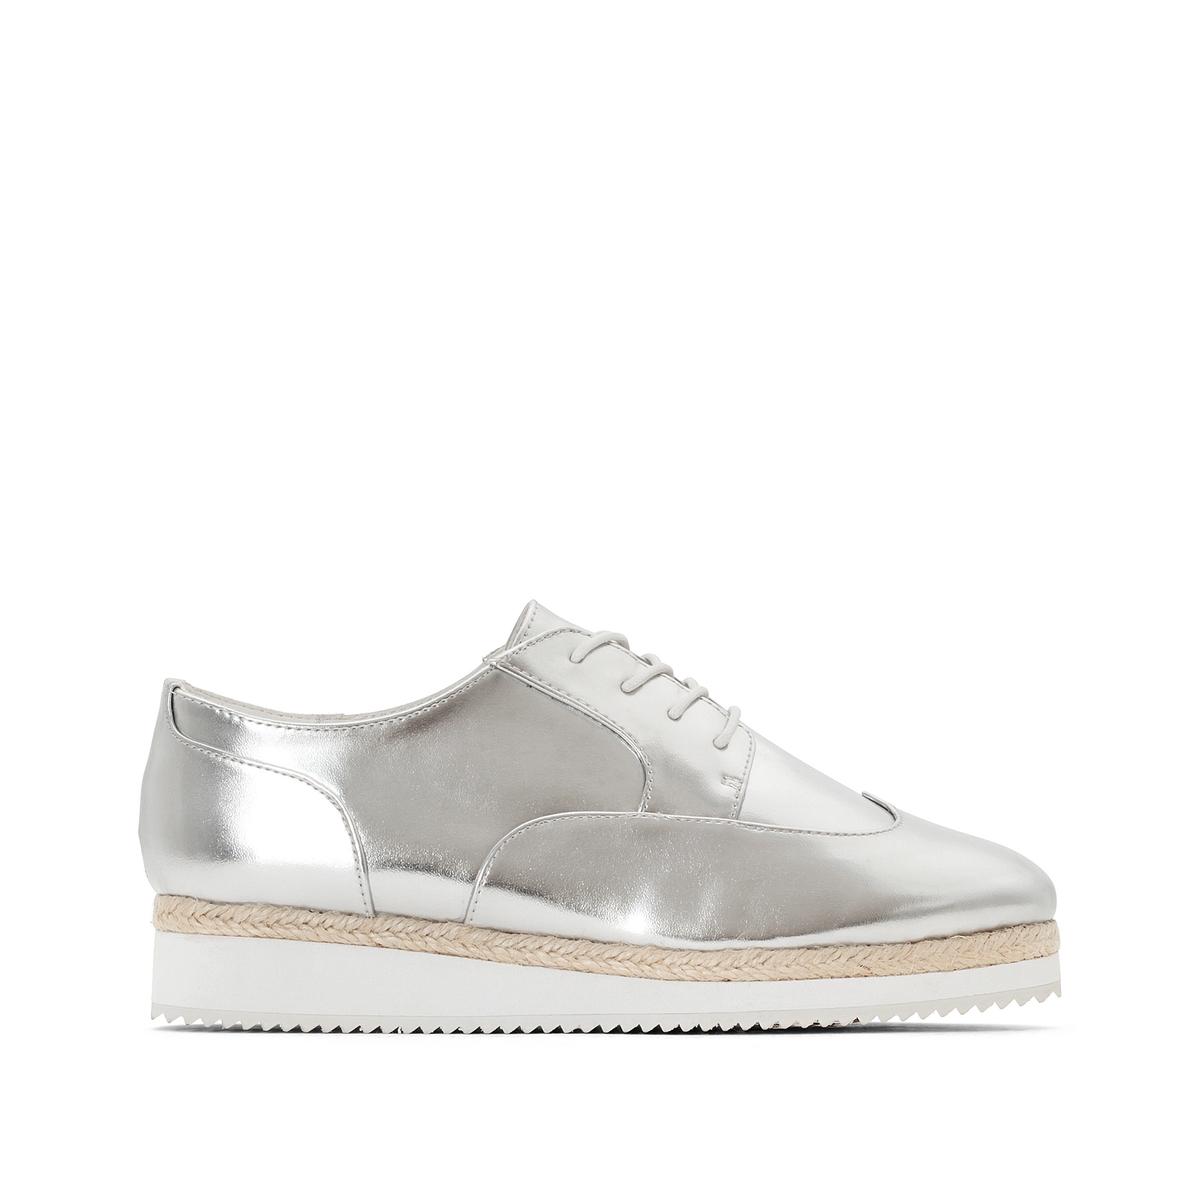 Ботинки-дерби с металлическим блеском, для широкой стопы 38-45